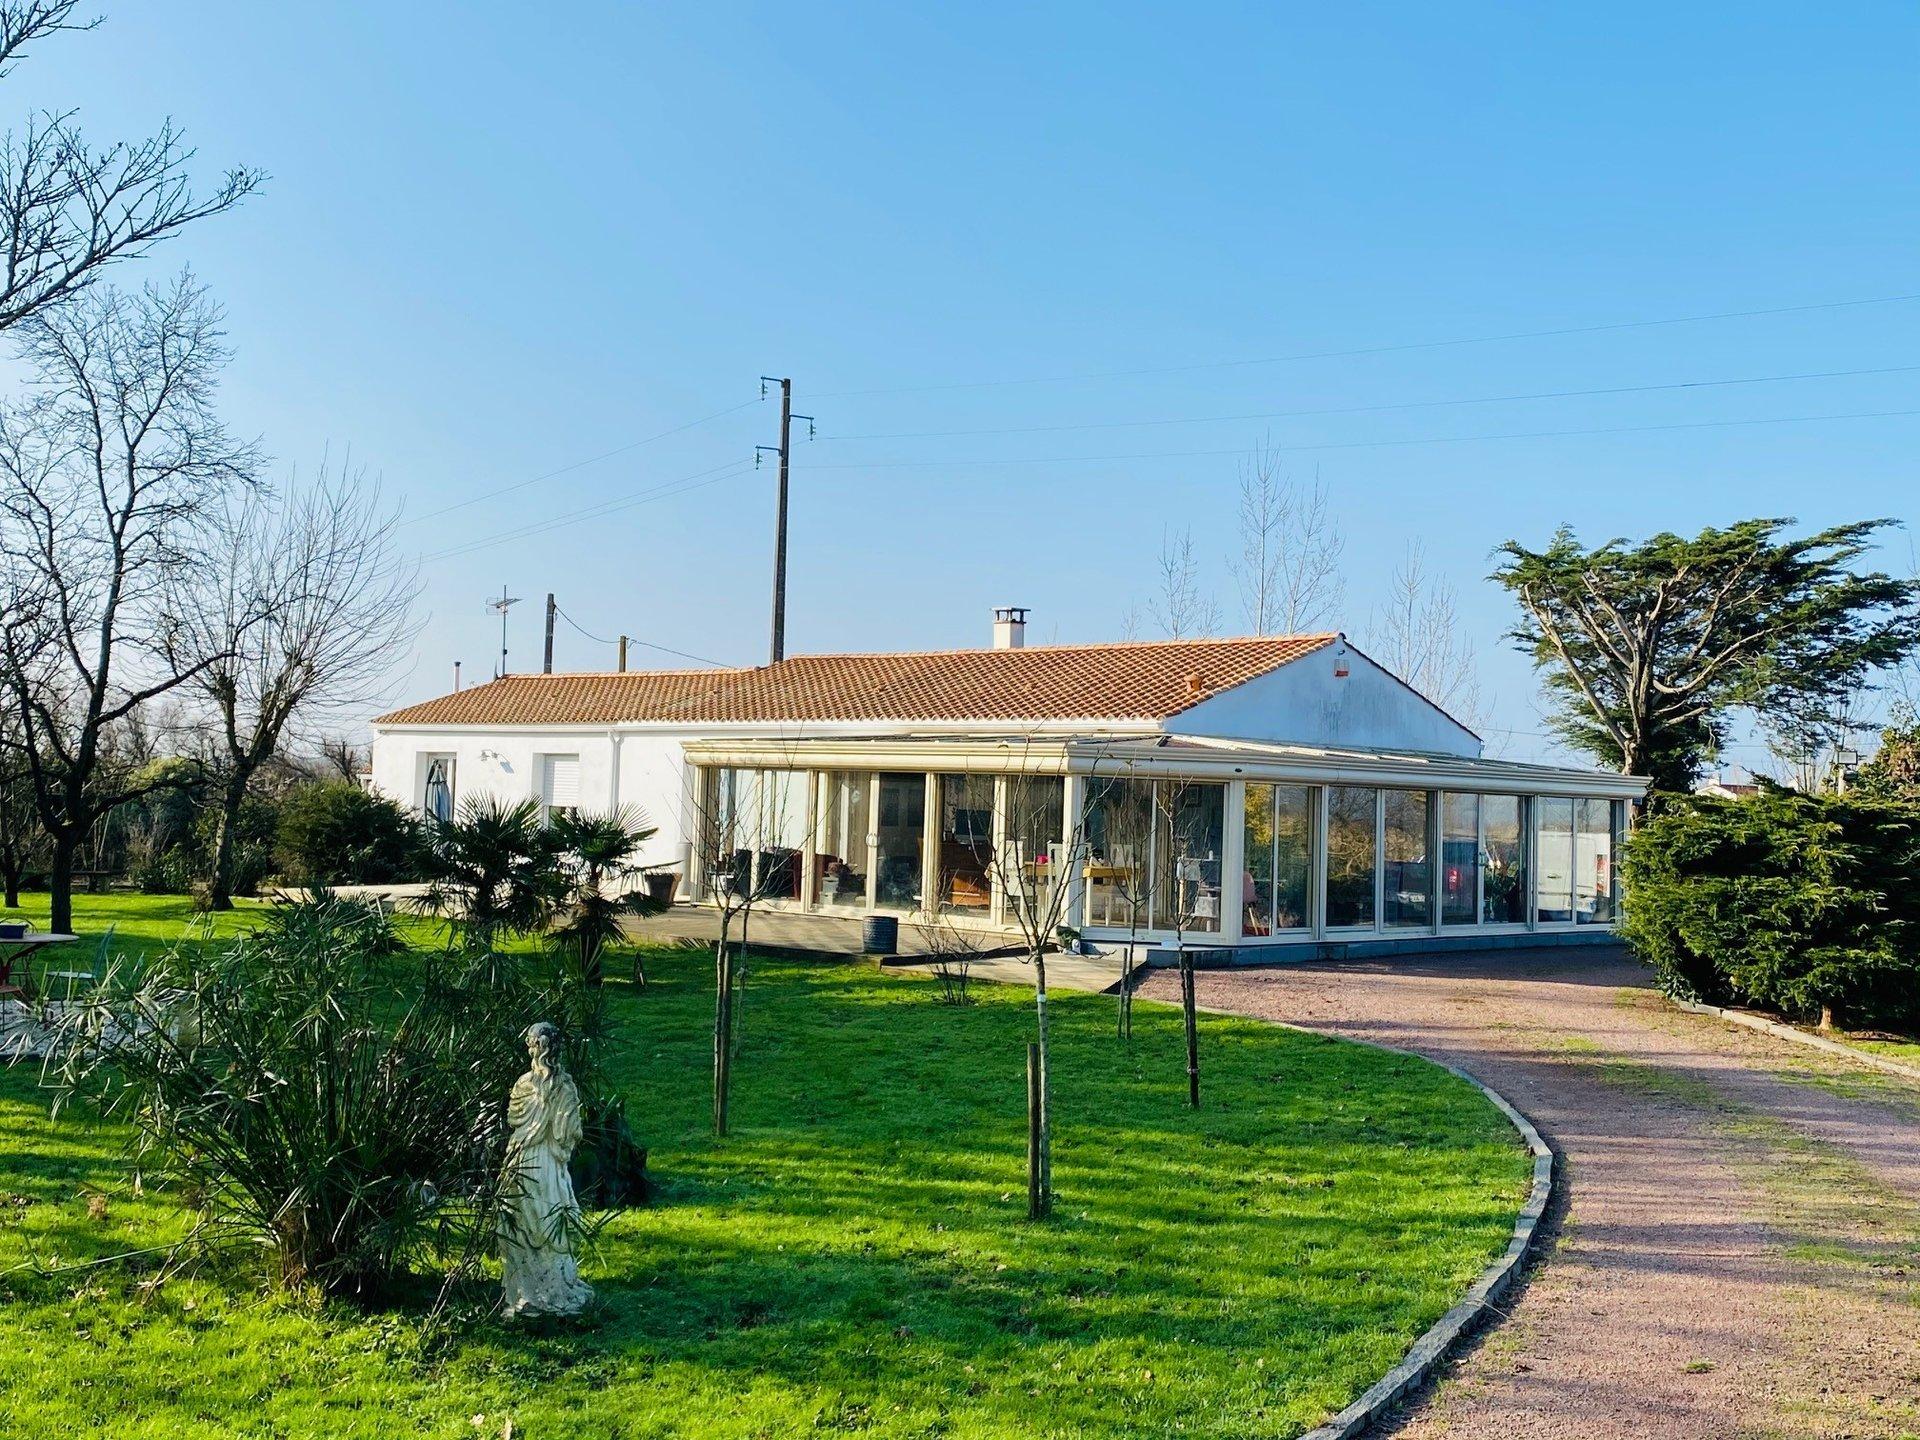 SOULLANS maison en campagne 5 pièces 165 m2 | ref-3506-1413